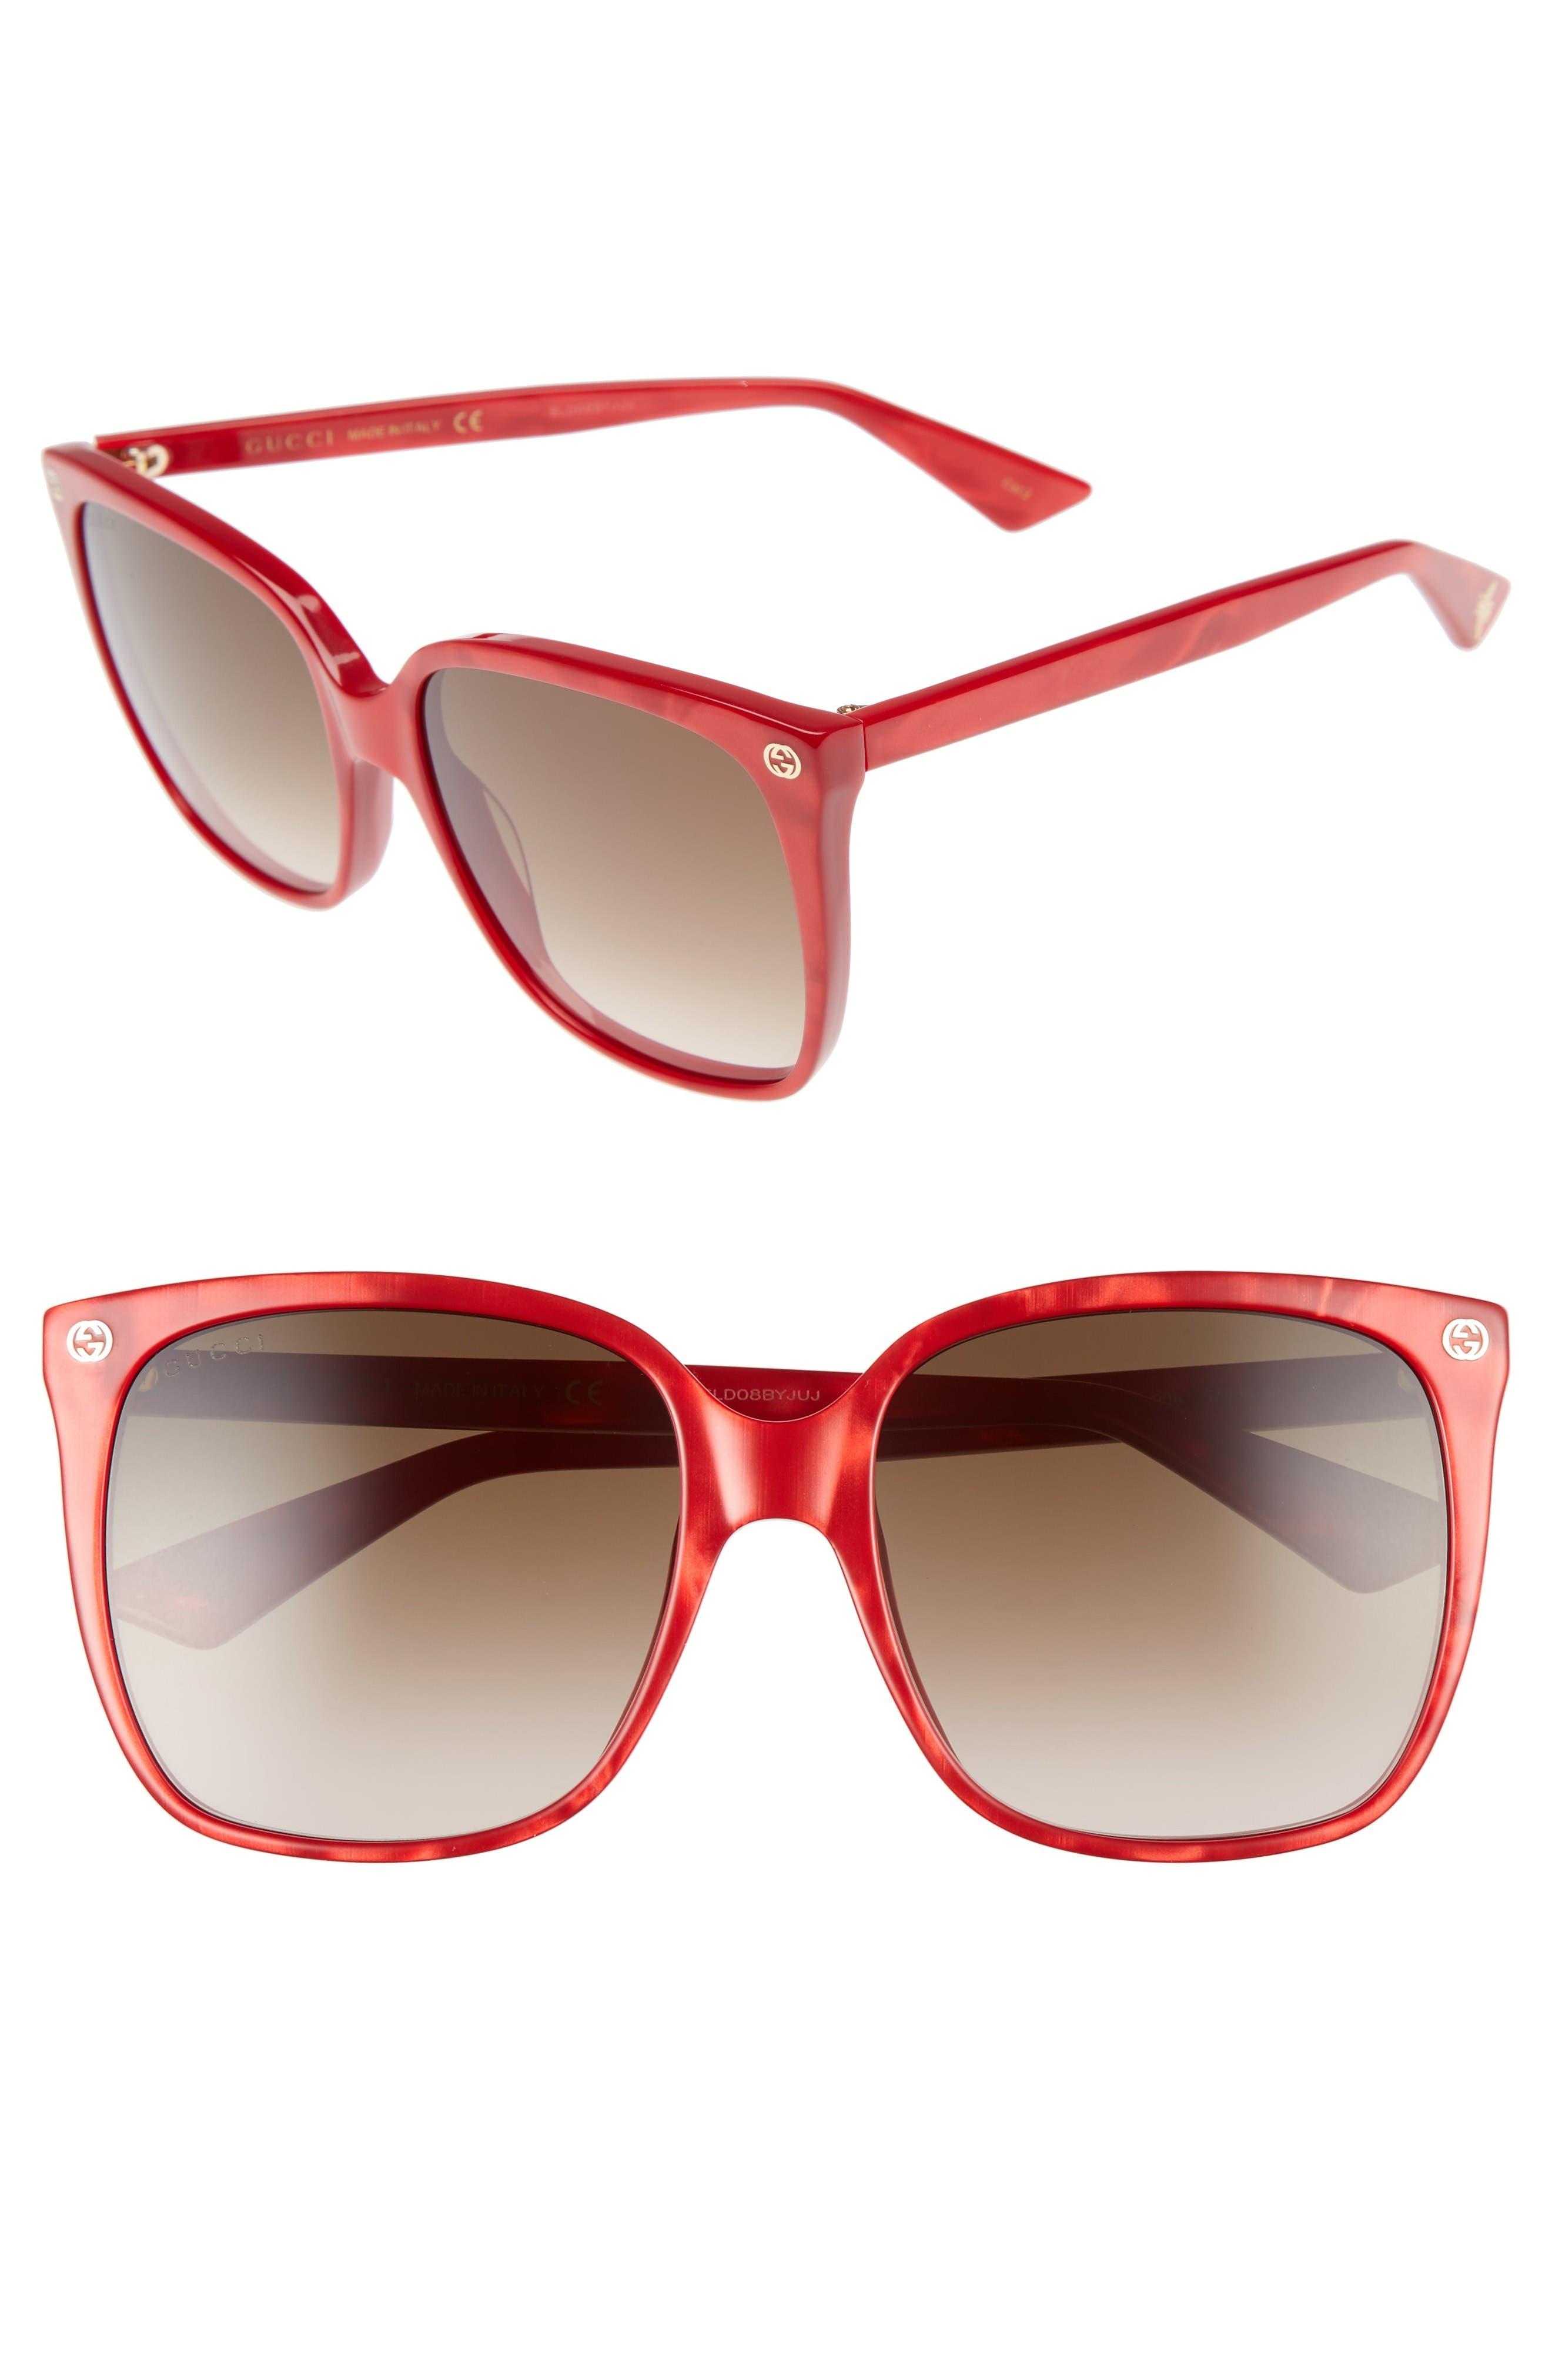 Main Image - Gucci 57mm Square Sunglasses